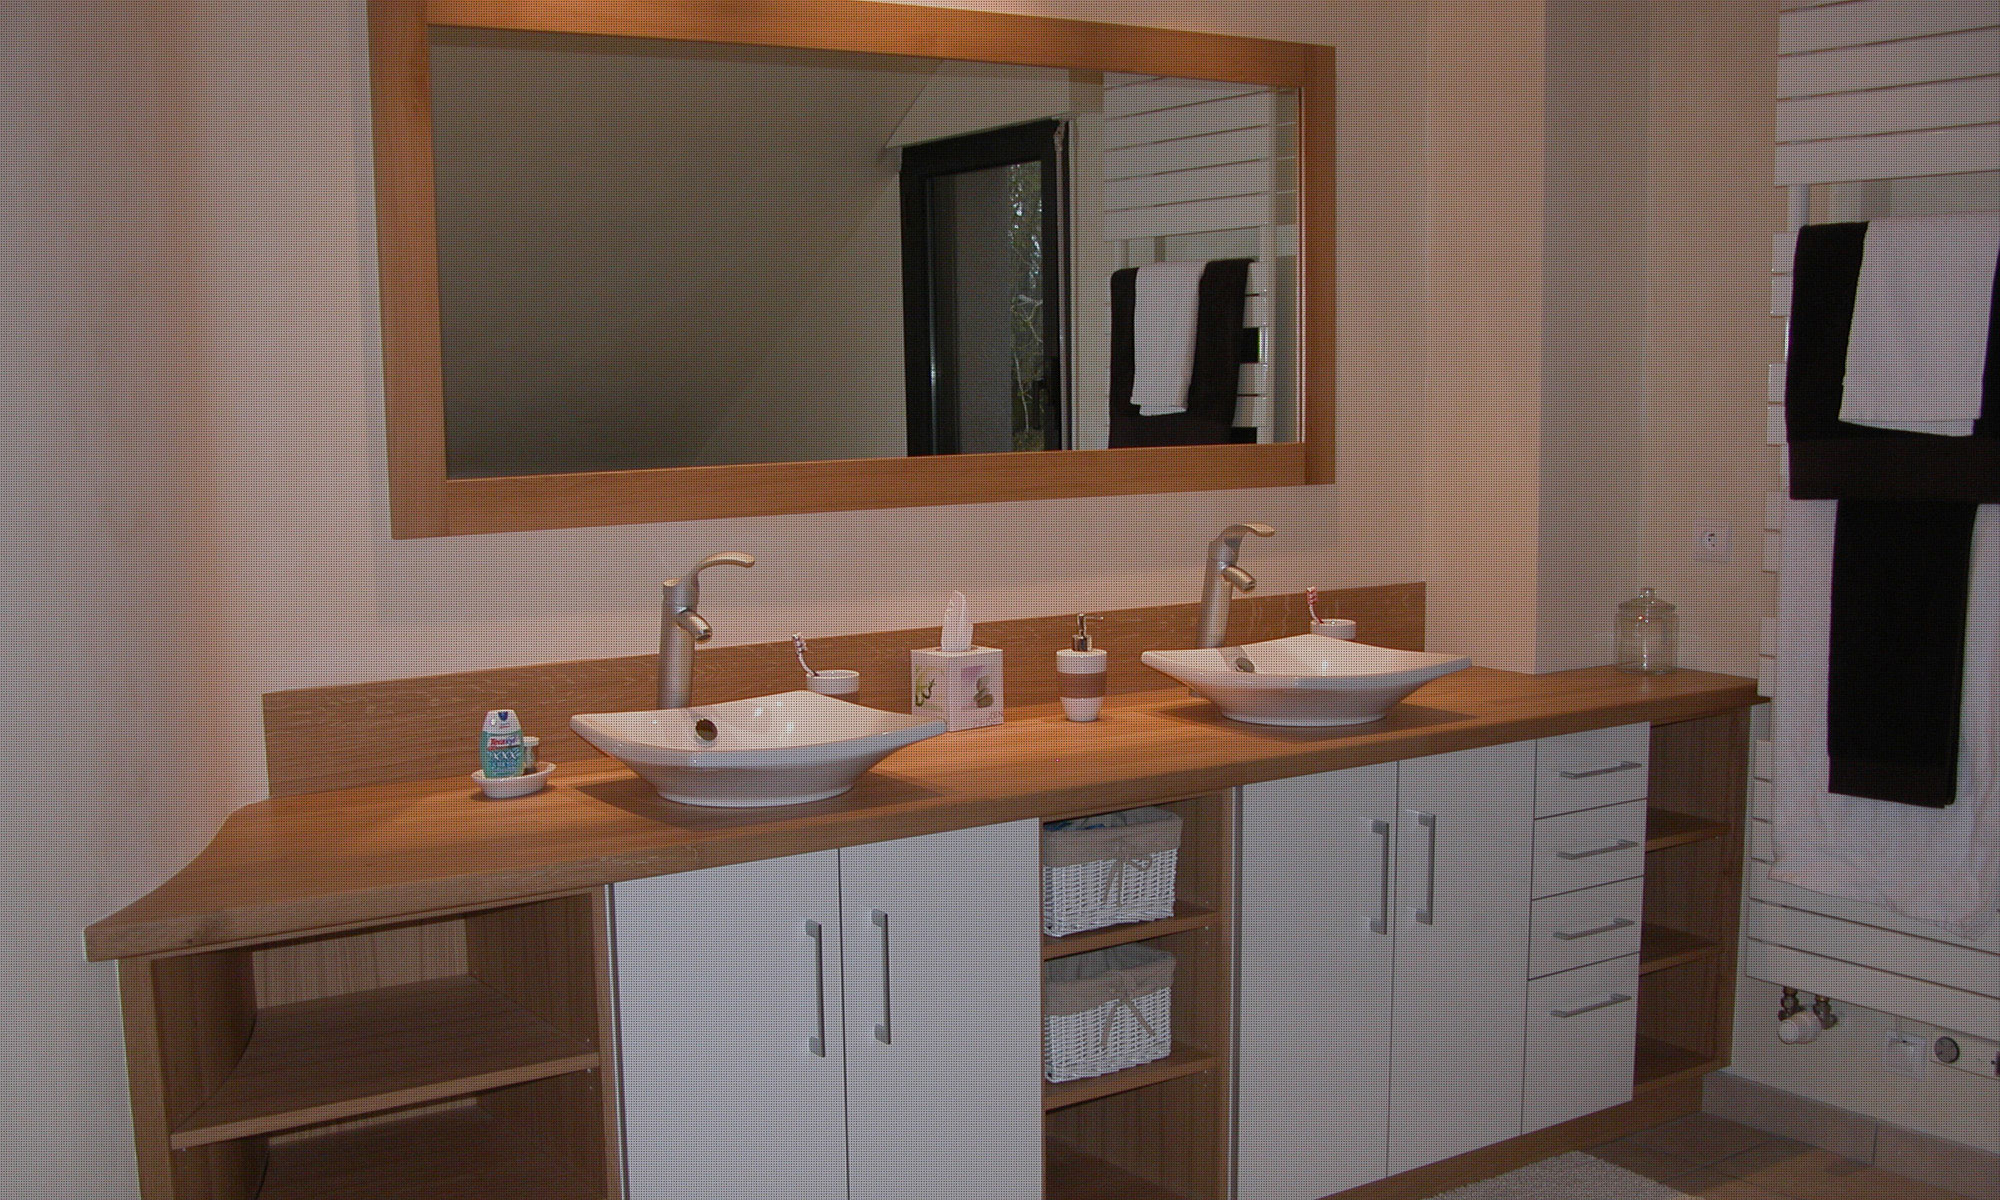 Salles de bains menuiserie artisanale